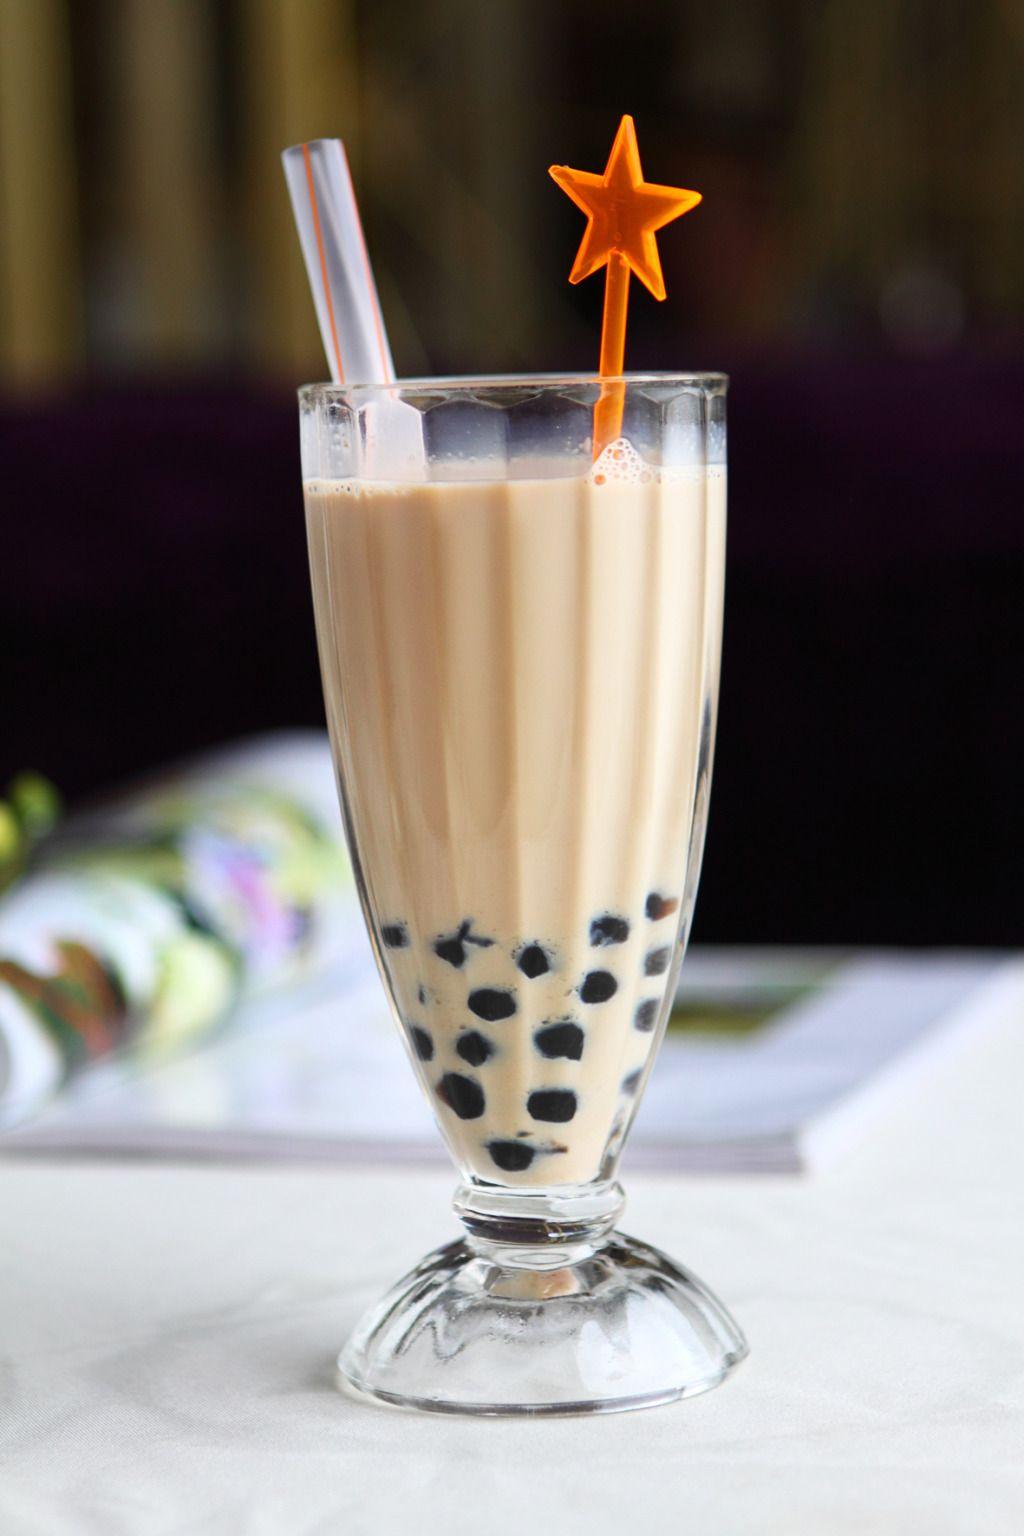 觅城鲜饮奶茶标志图片